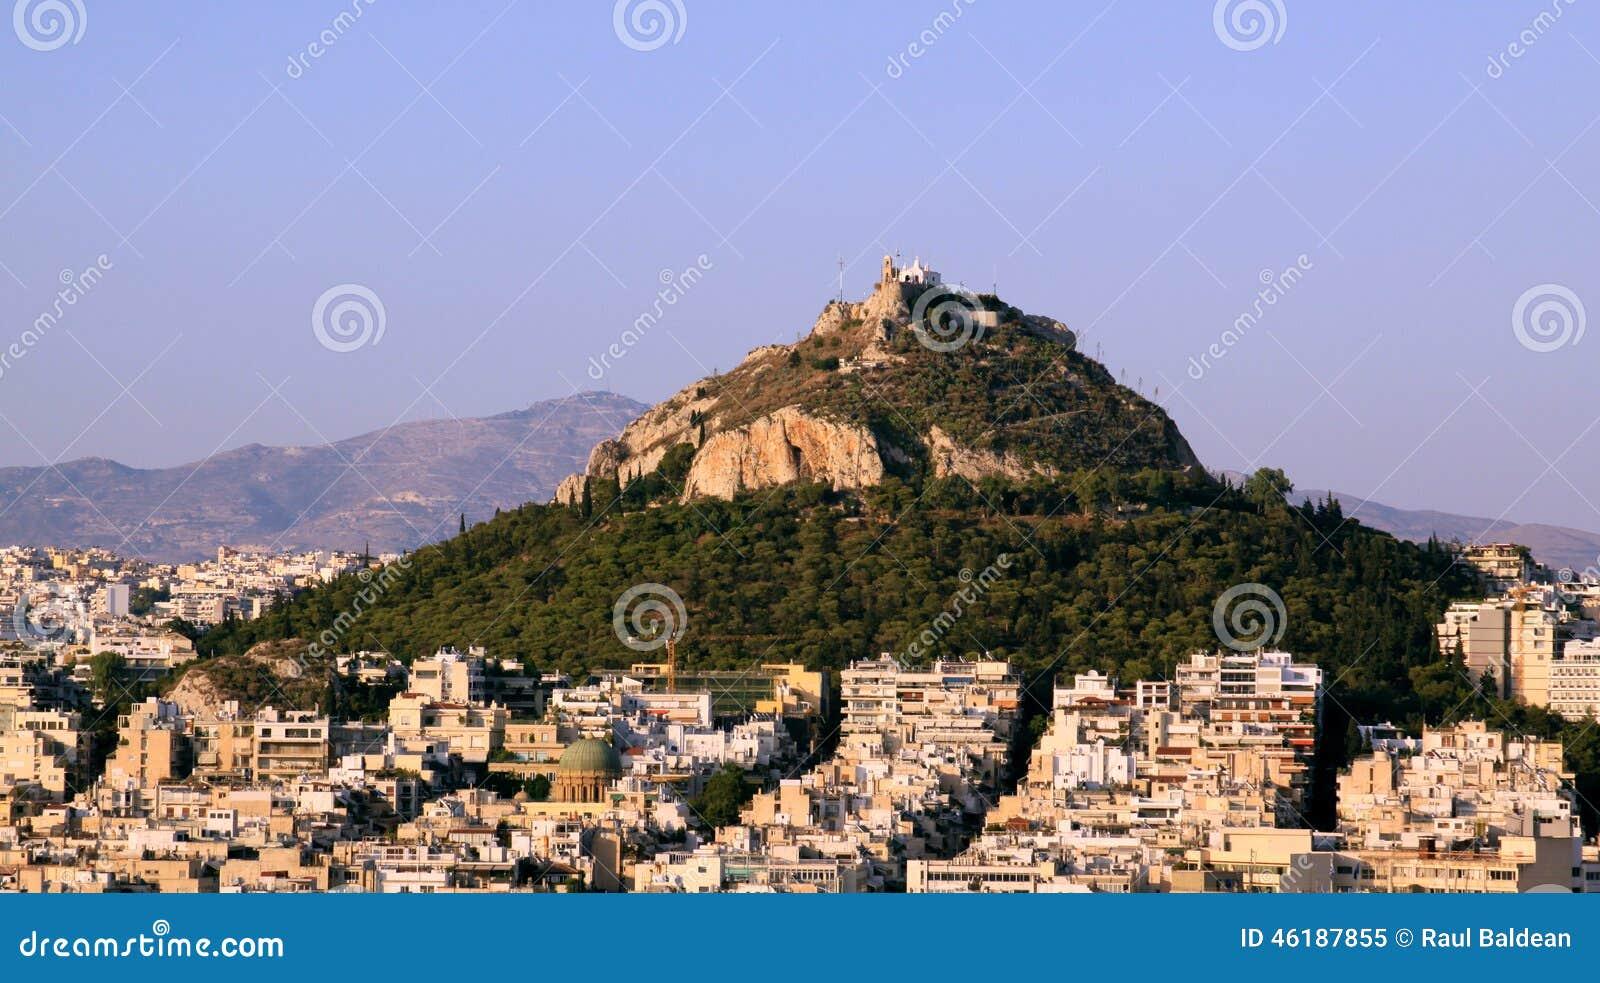 Lofos Likavitou from Acropolis, Athens